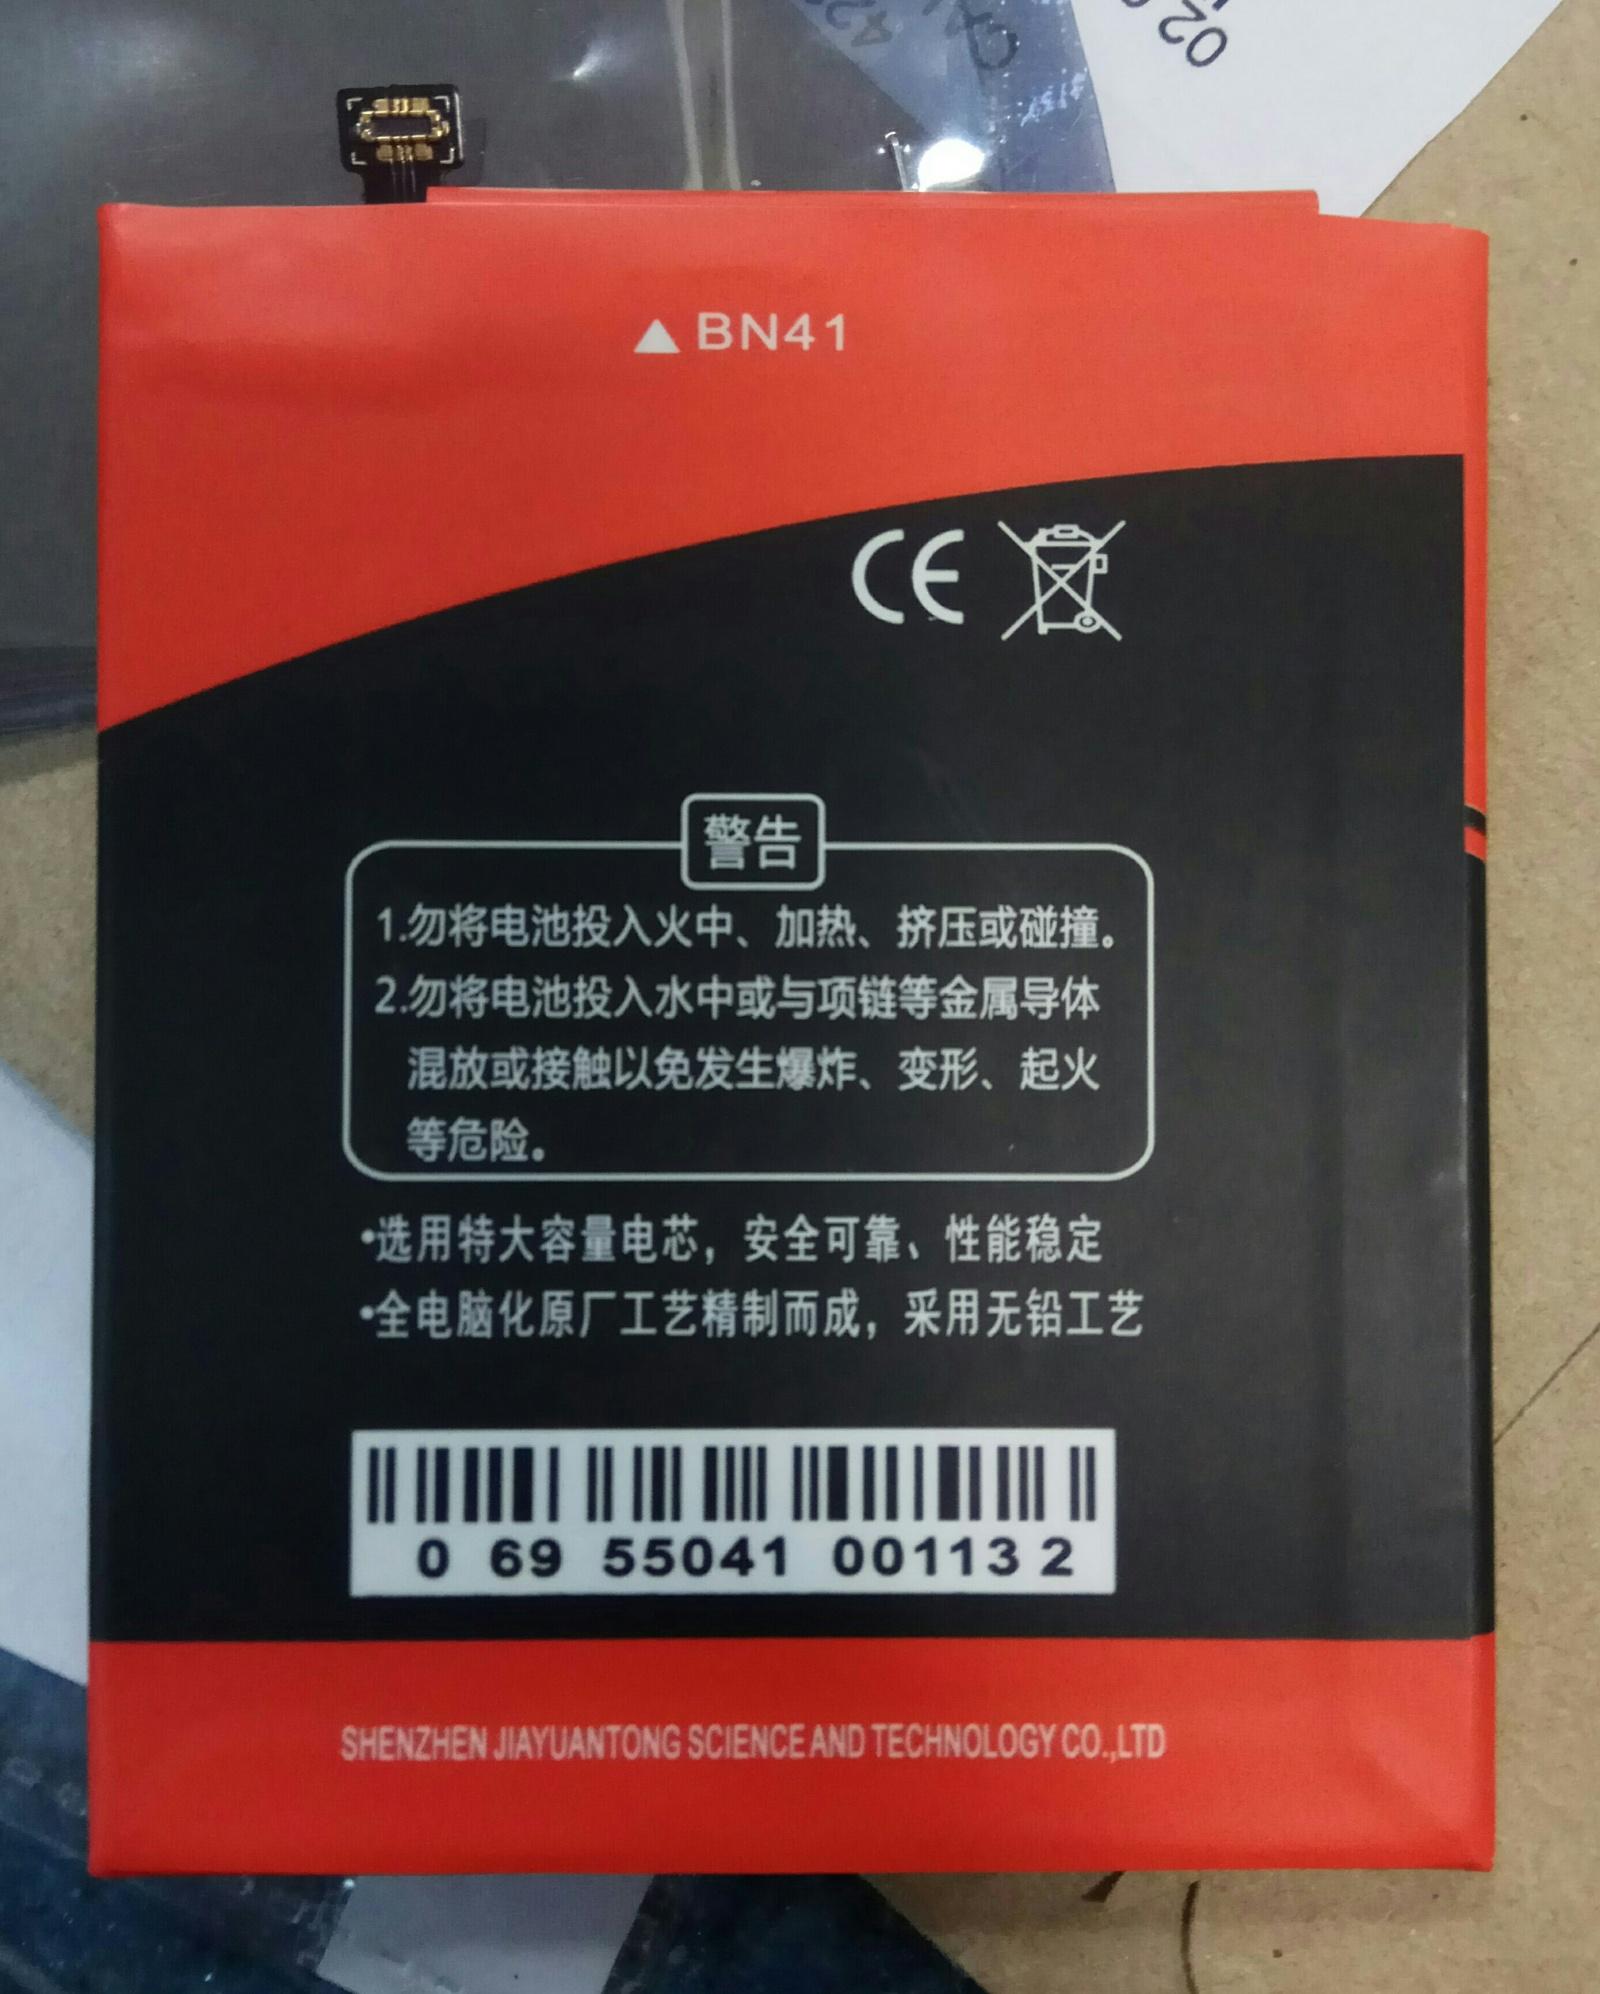 8250 миллиампер-часов китайской дичи, или повышенная ёмкость по-шеньчженьски - 2